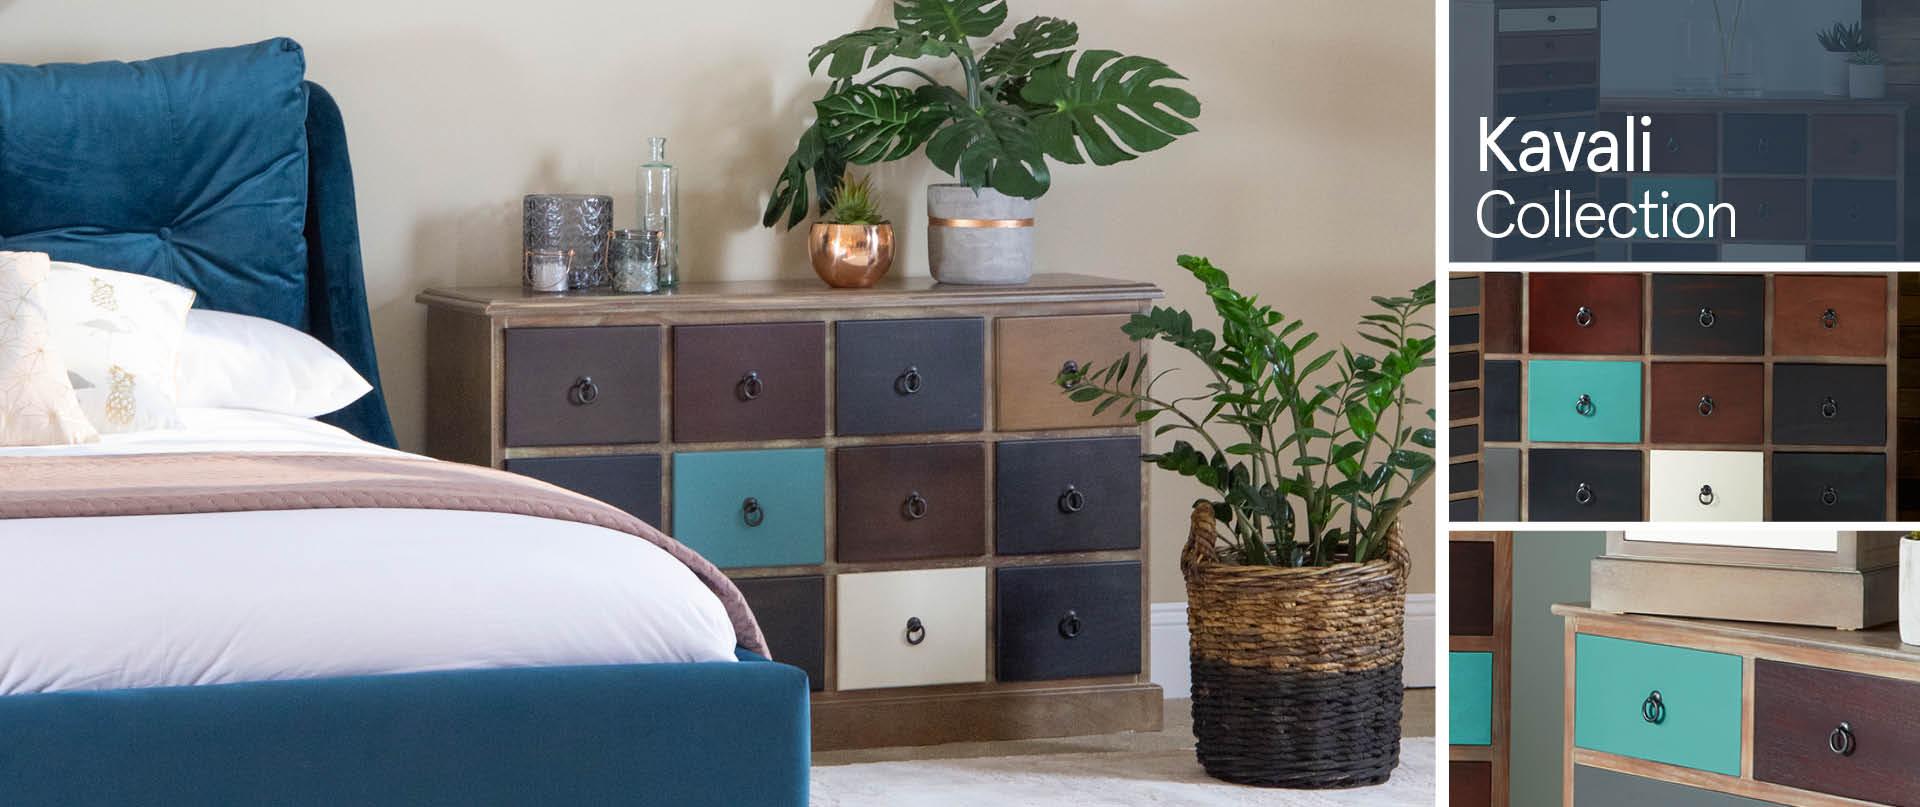 Kavali Bedroom Furniture Ranges